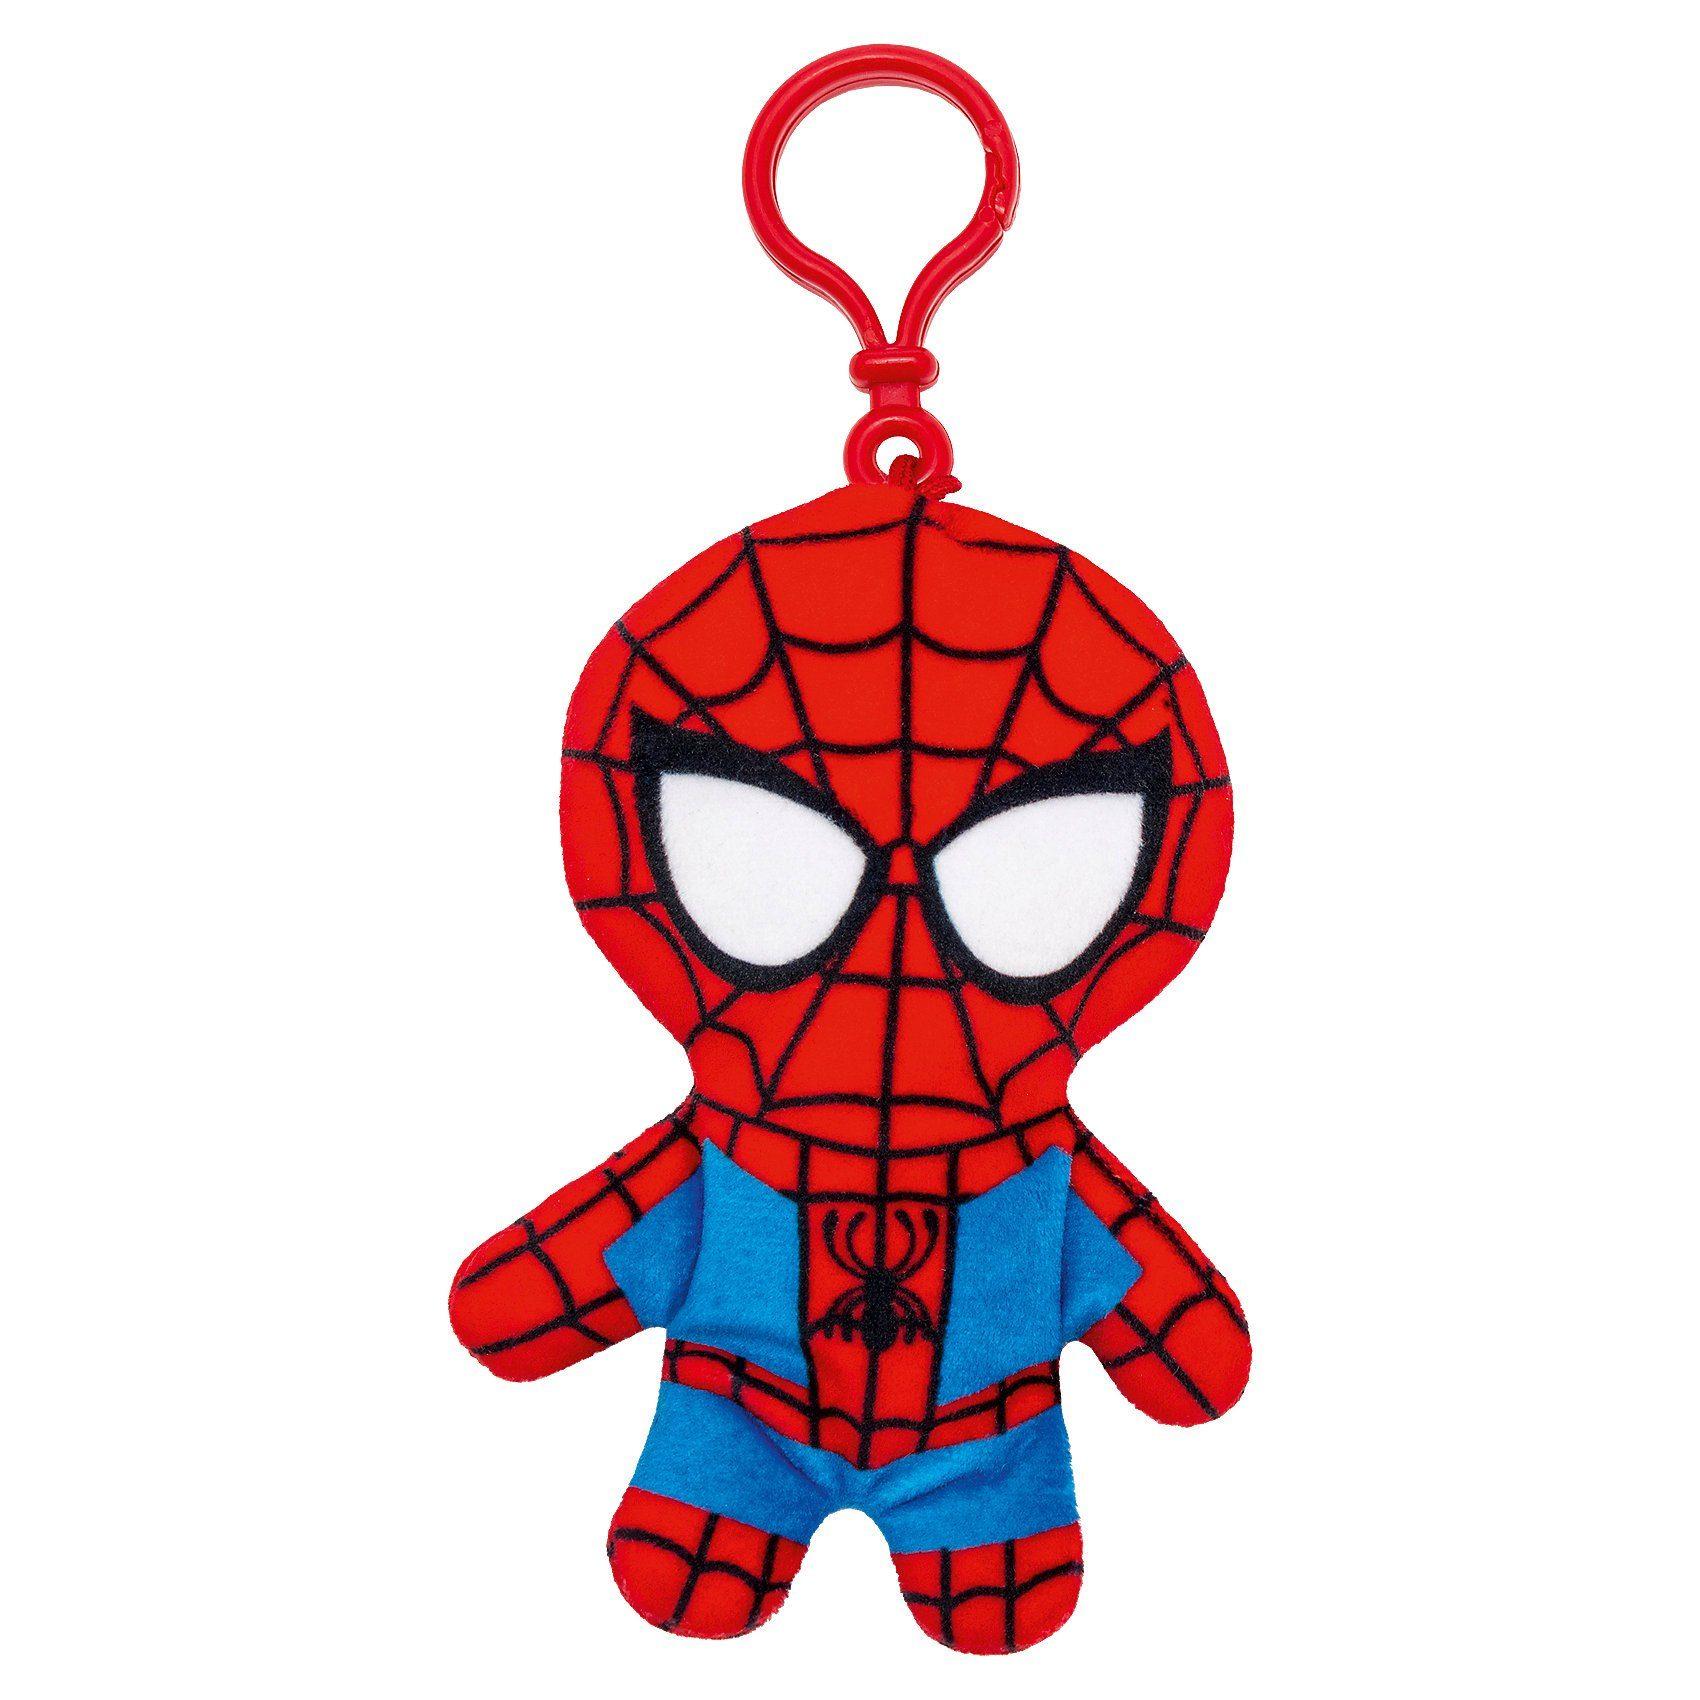 JOY TOY Schlüsselanhänger Spiderman